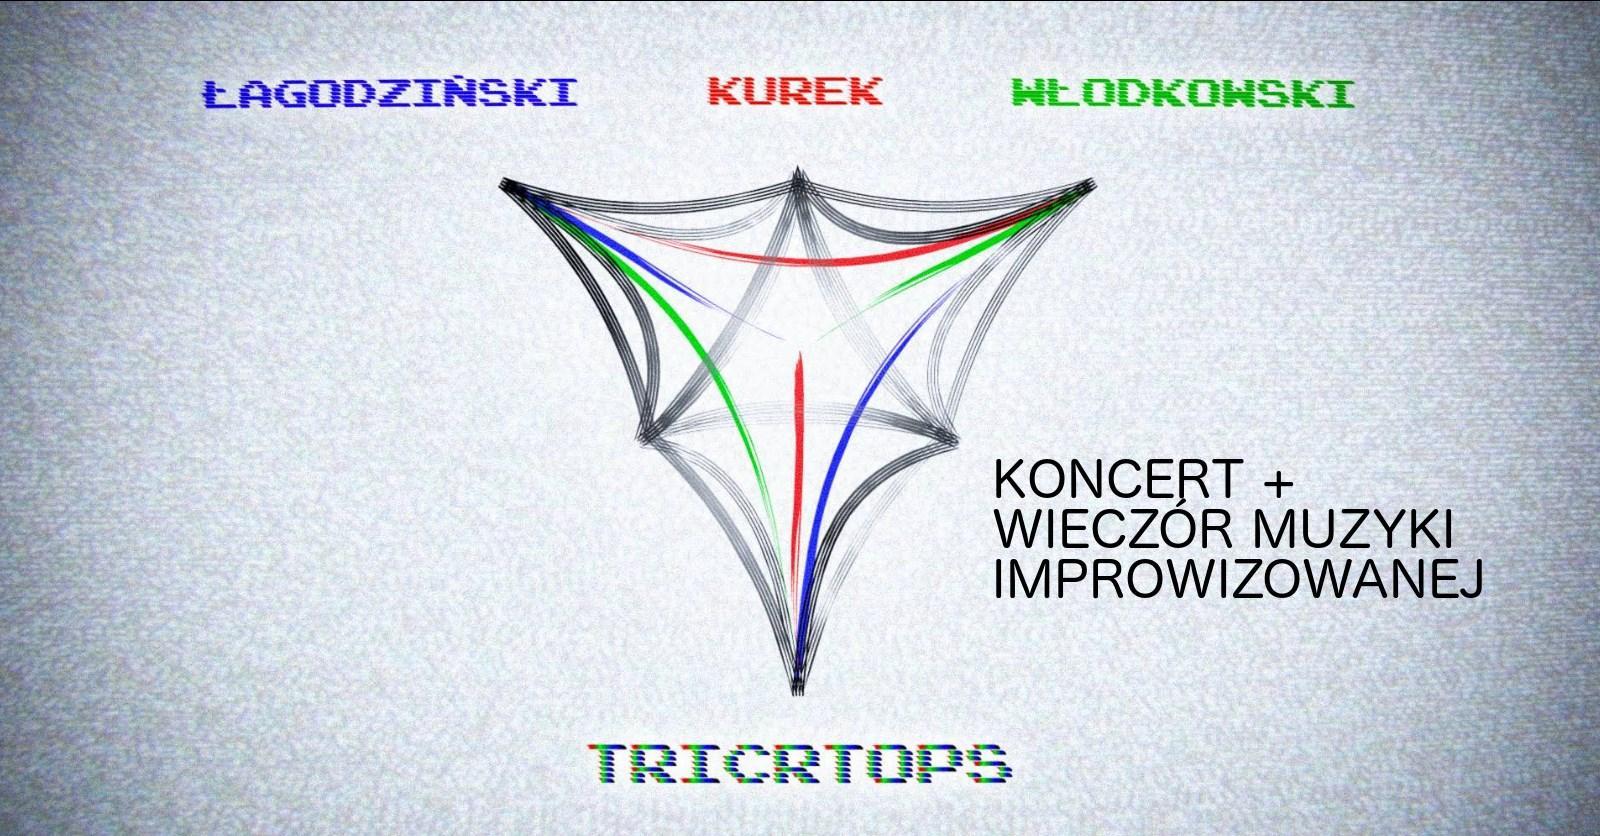 Tricrtops - Łagodziński / Kurek / Włodkowski + WMI